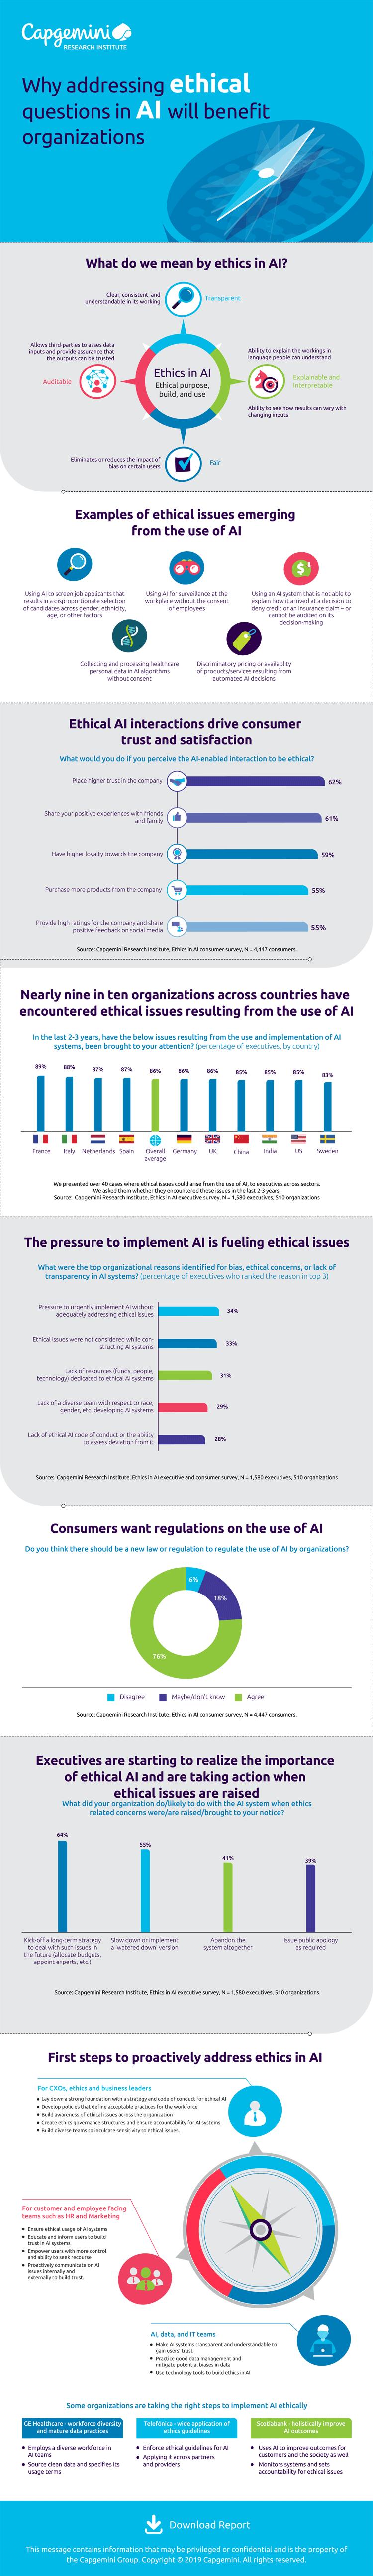 Infografik: Bei KI entscheidet Ethik über das Vertrauen